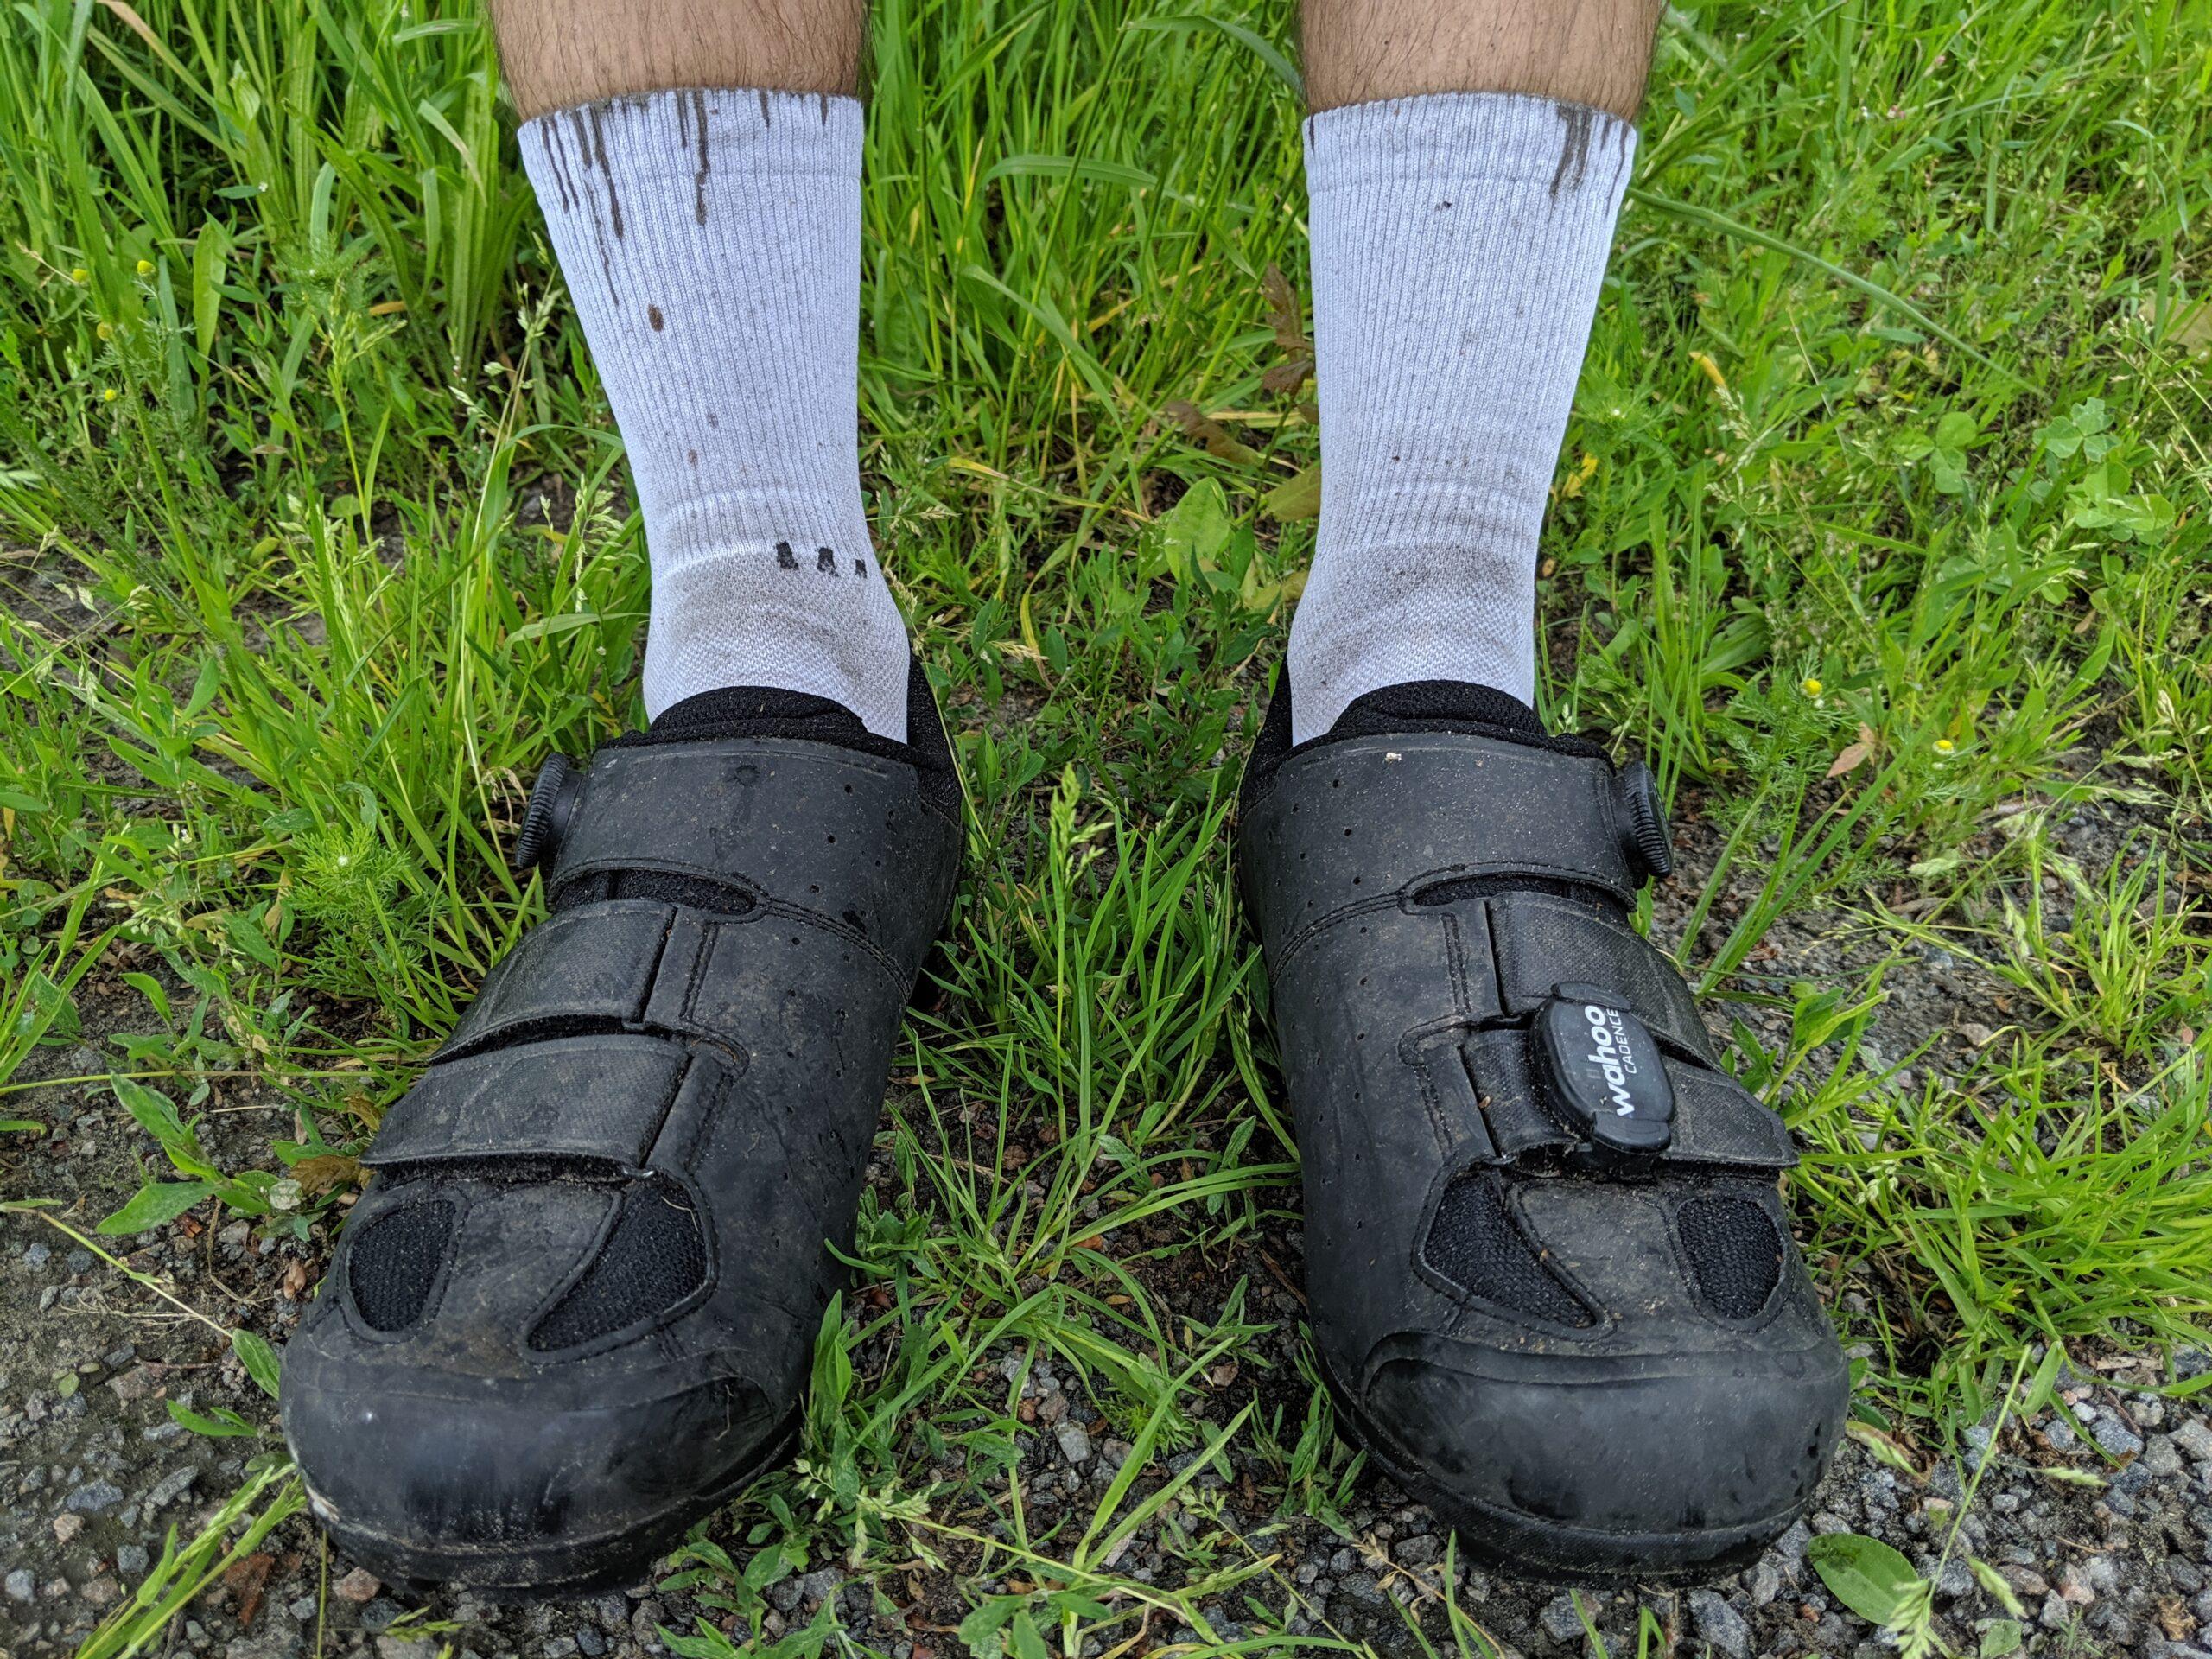 Gute Idee: weiße Socken anziehen.